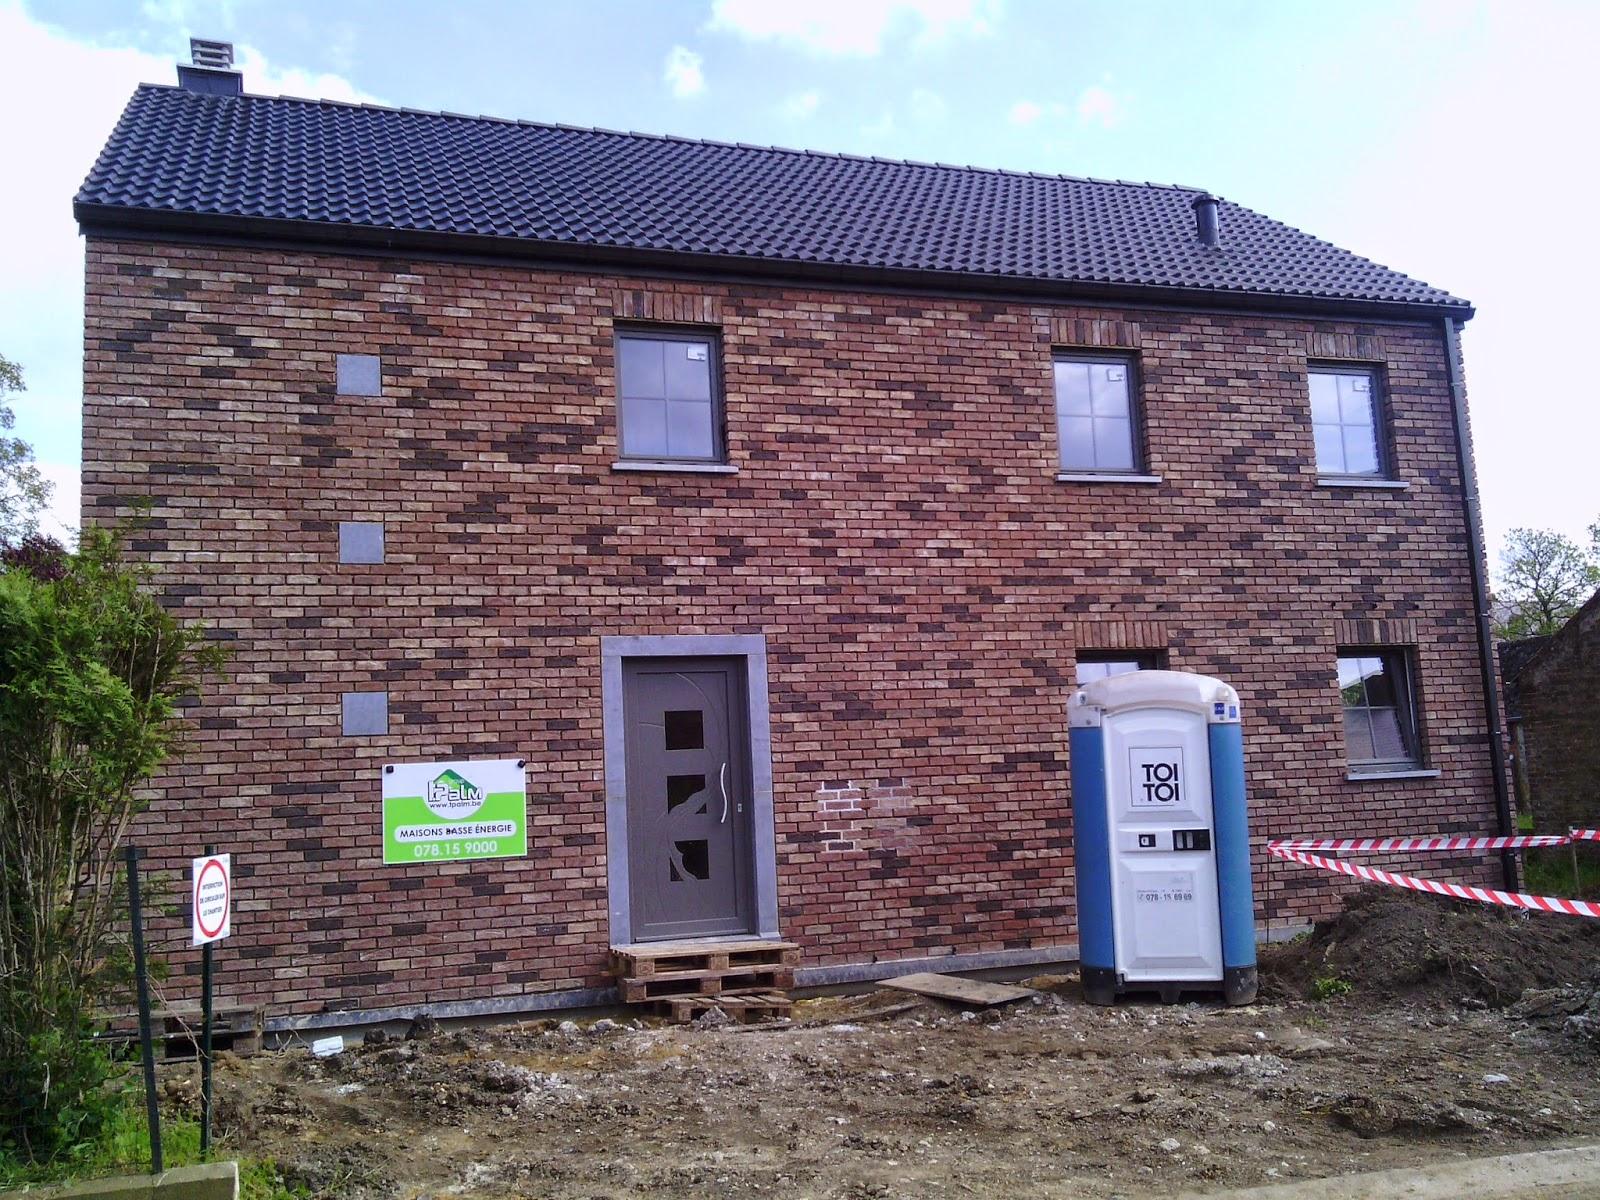 La construction de notre maison par t palm tranch e pour - Tranchee pour raccordement maison ...